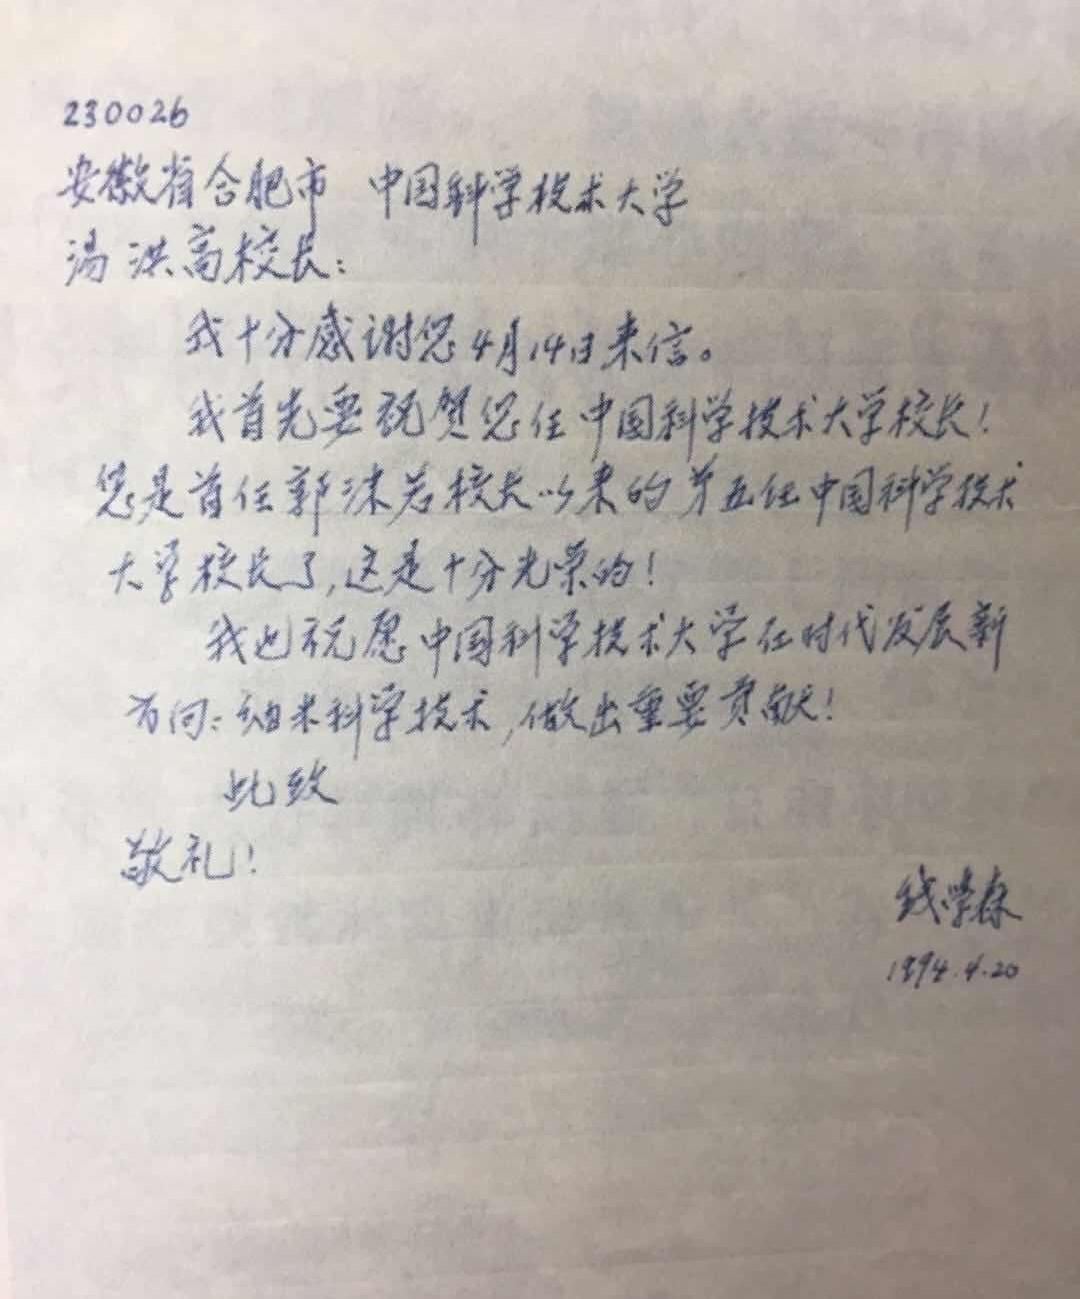 钱学森致汤洪高的信